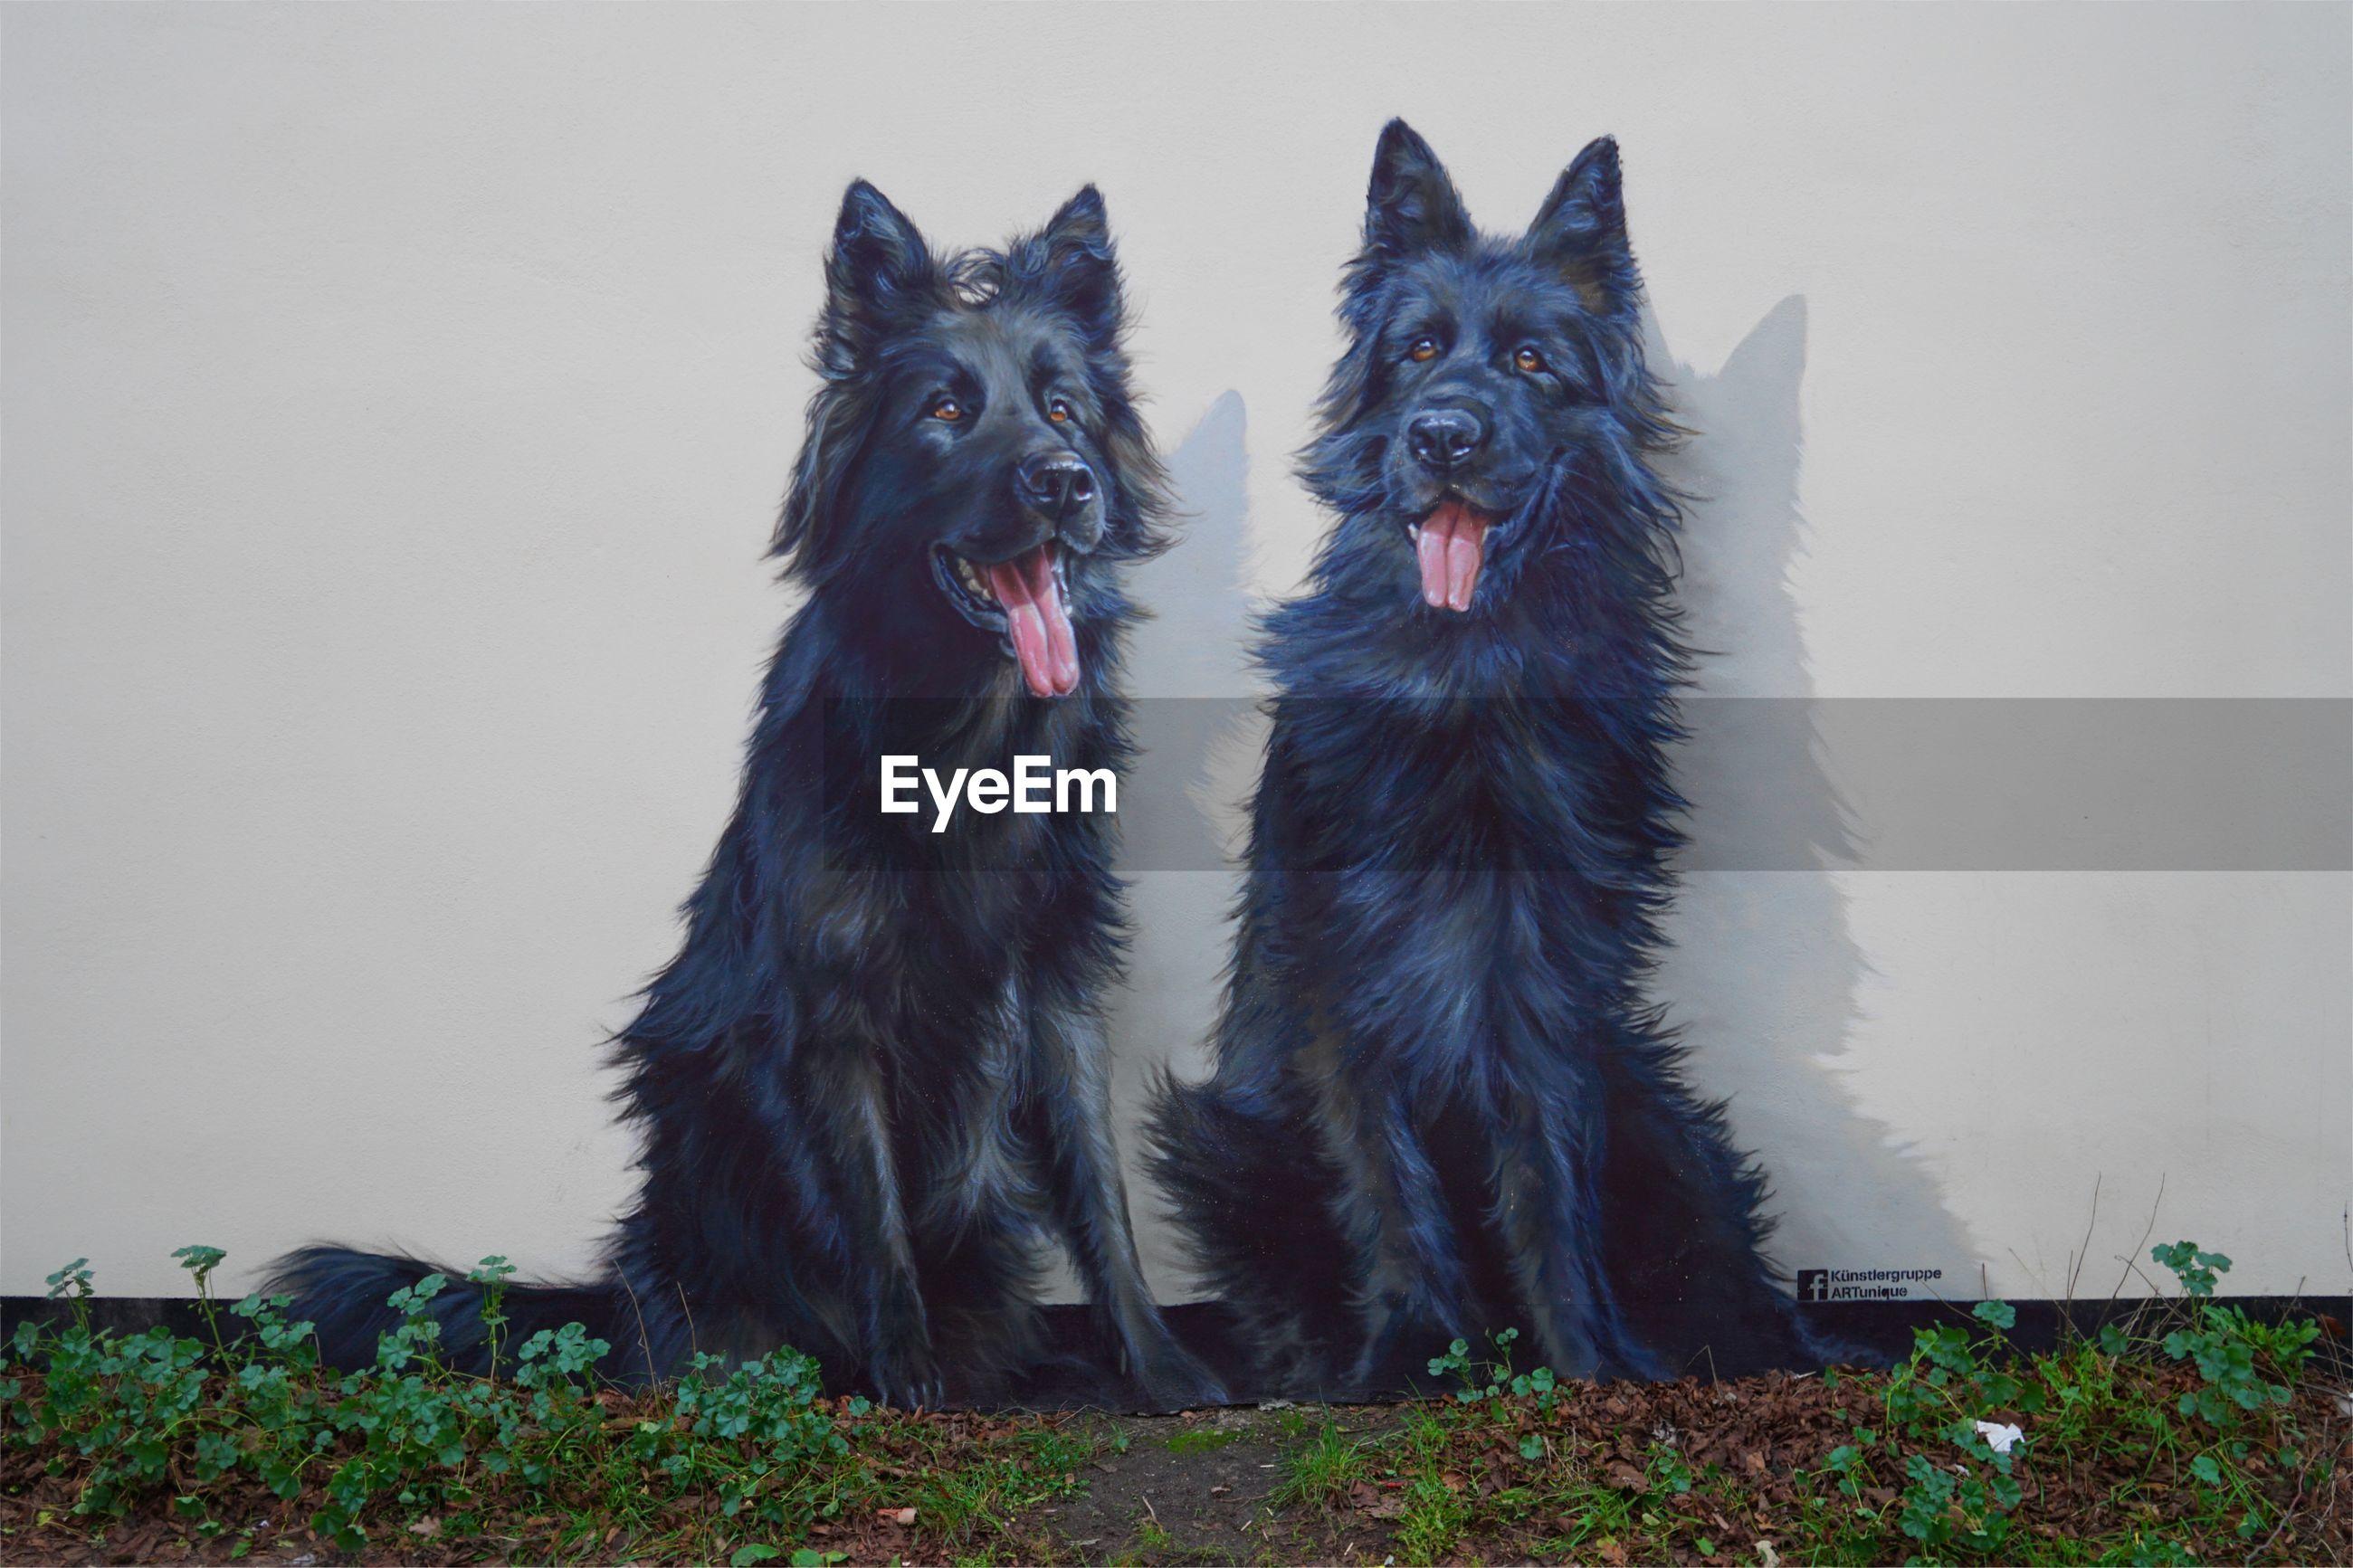 PORTRAIT OF DOGS ON FIELD